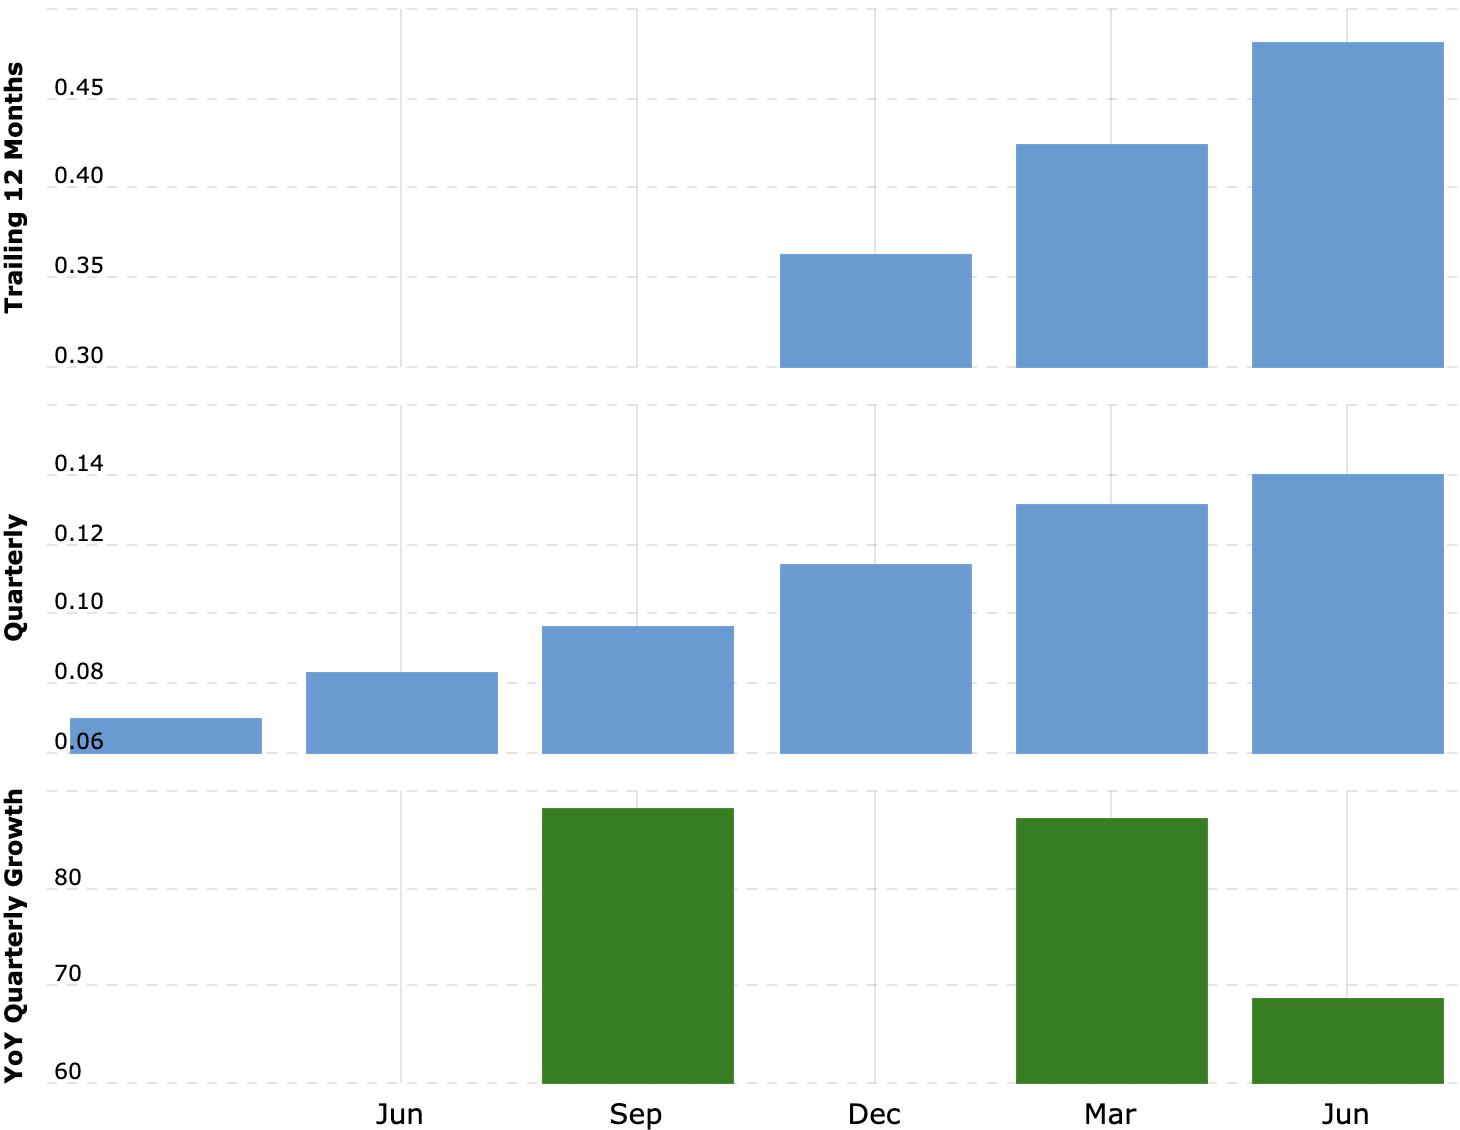 Выручка компании за последние 12 месяцев и поквартально в миллиардах долларов, рост выручки за квартал в процентах по сравнению с аналогичным периодом прошлого года. Источник: Macrotrends